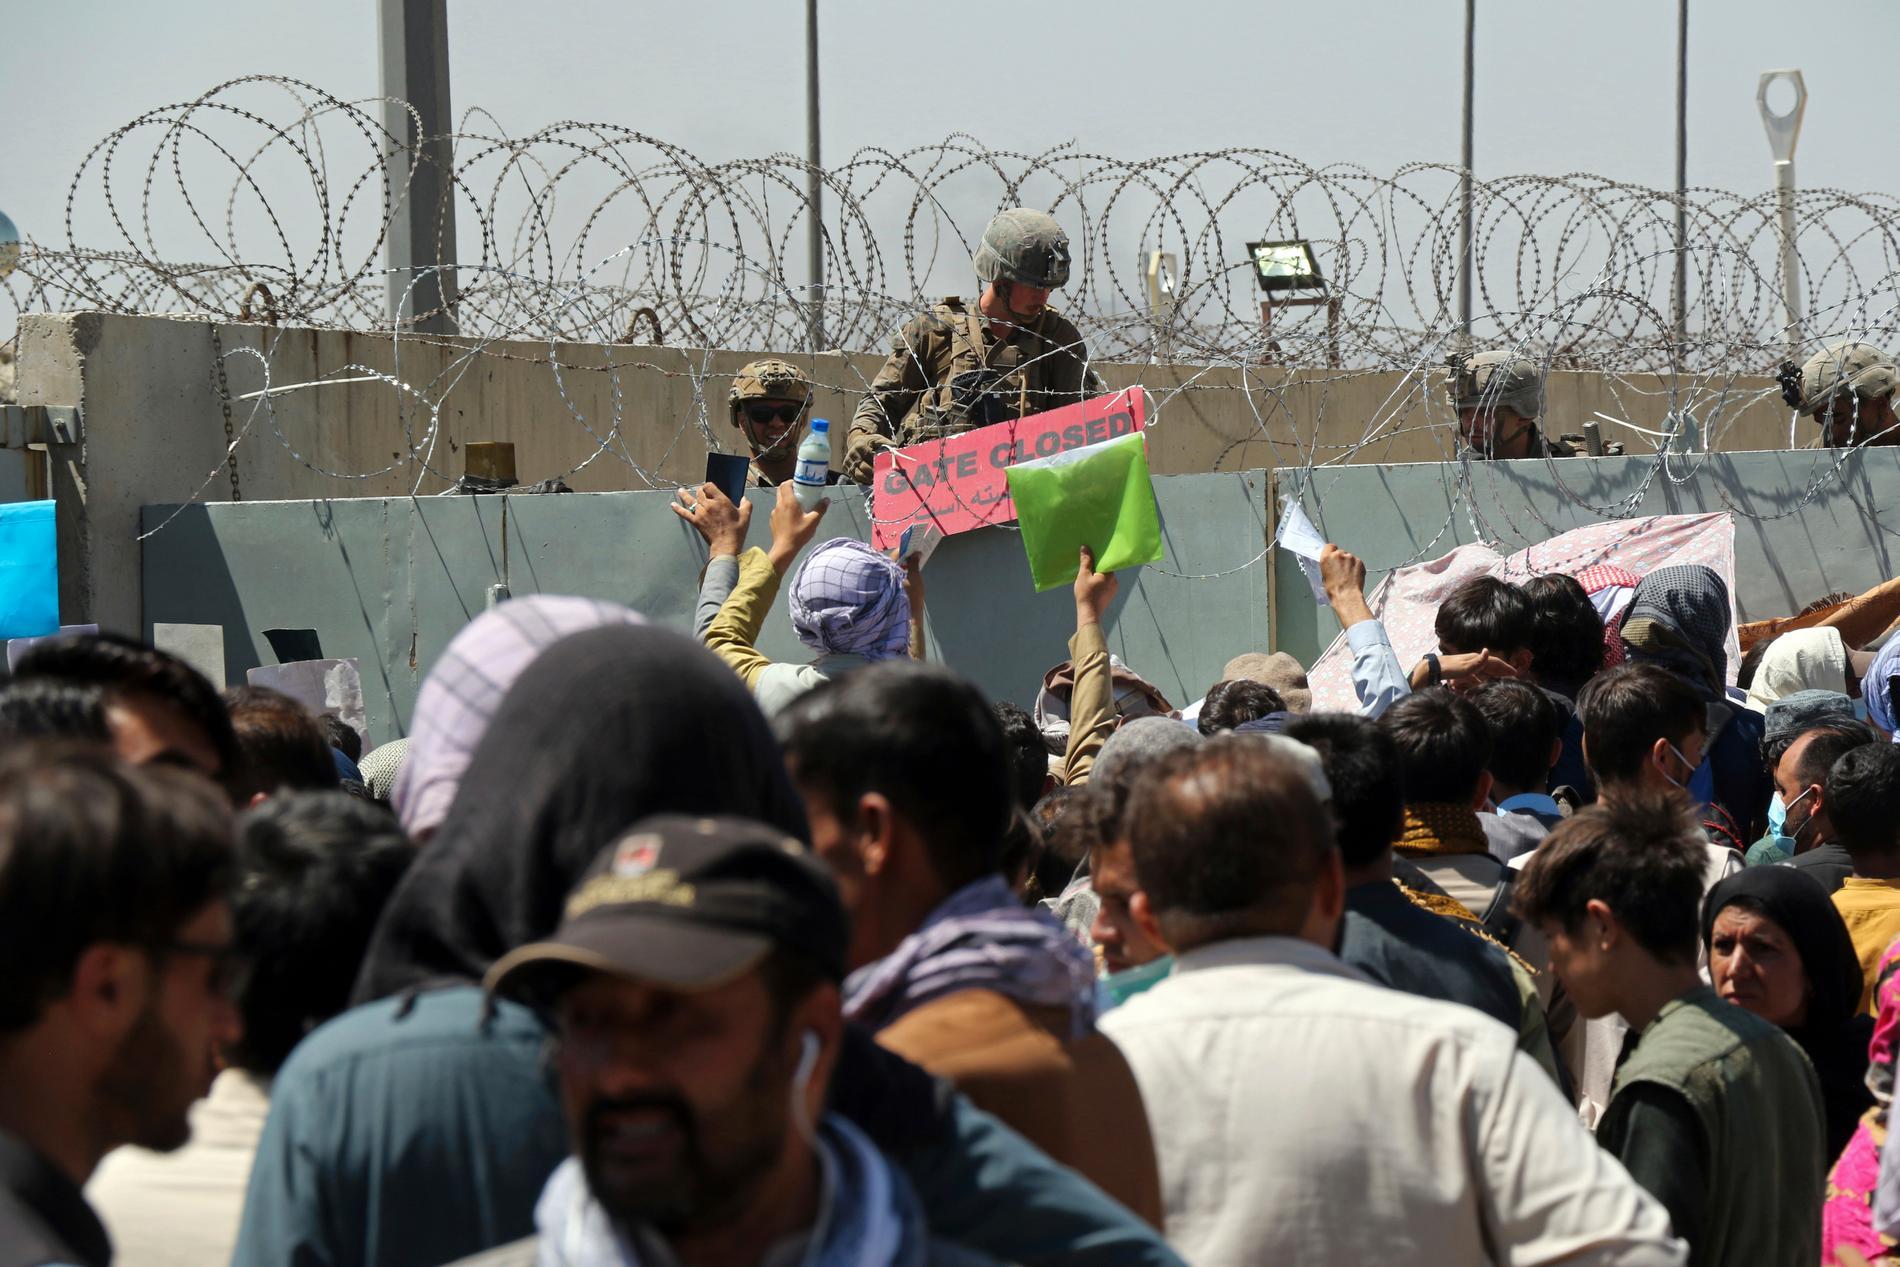 """Bild från Hamid Karzai internationella flygplats i Kabul tidigare idag. En amerikansk soldat håller upp en skylt mot de hundratals människor som samlats vid flygplatsens check-points, med hopp om att evakueras. Redan igår varnade flera länder för att en attack kunde komma på Kabuls flygplats, där tusentals personer befinner sig. I förmiddags gick Storbritannien ut och varnade för att en attack kunde komma """"inom några timmar""""."""